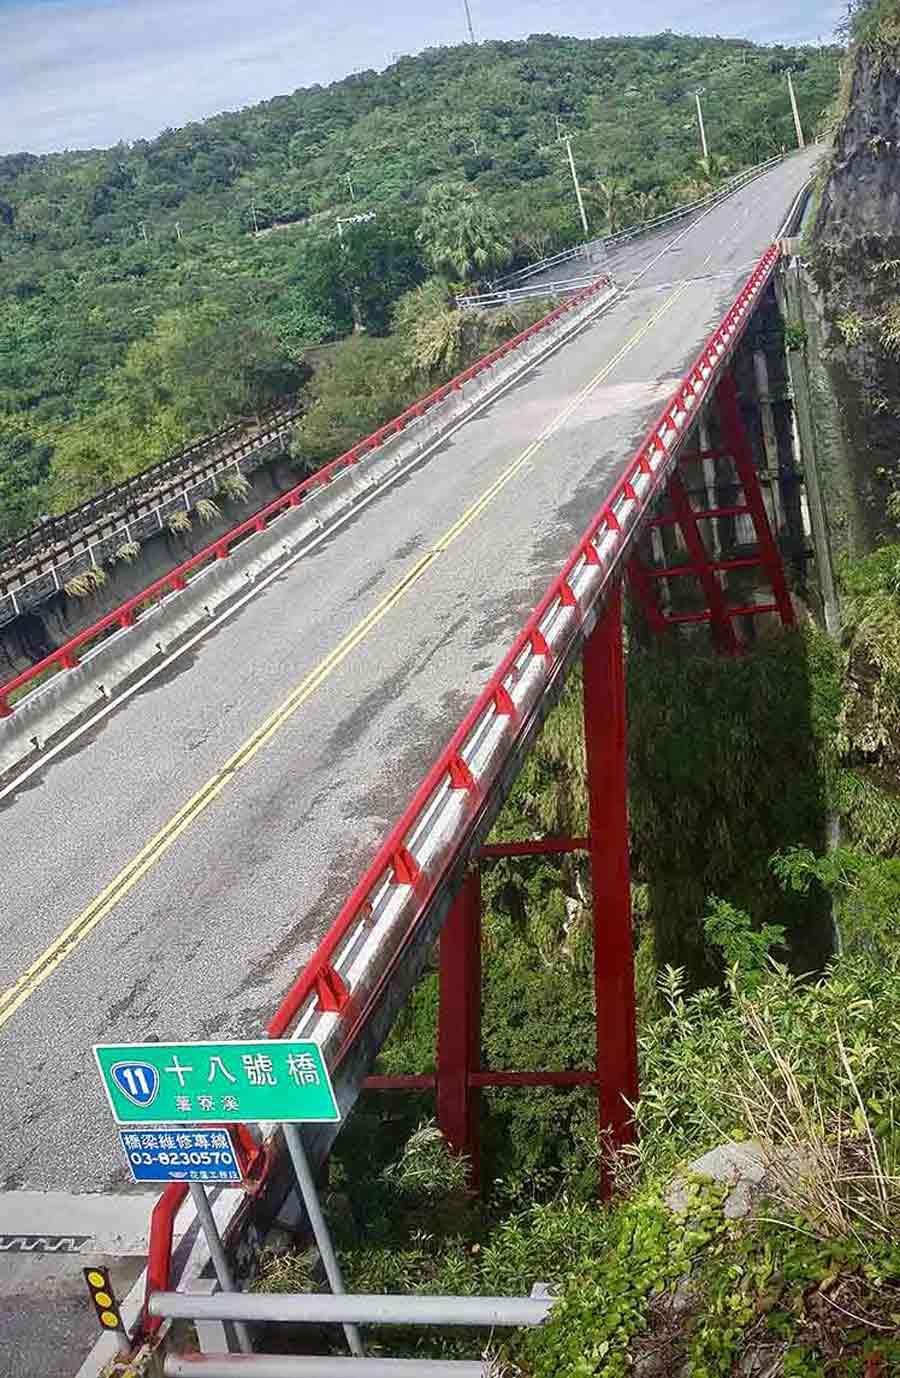 Hualien-Provincial Highway 11-East coast highway